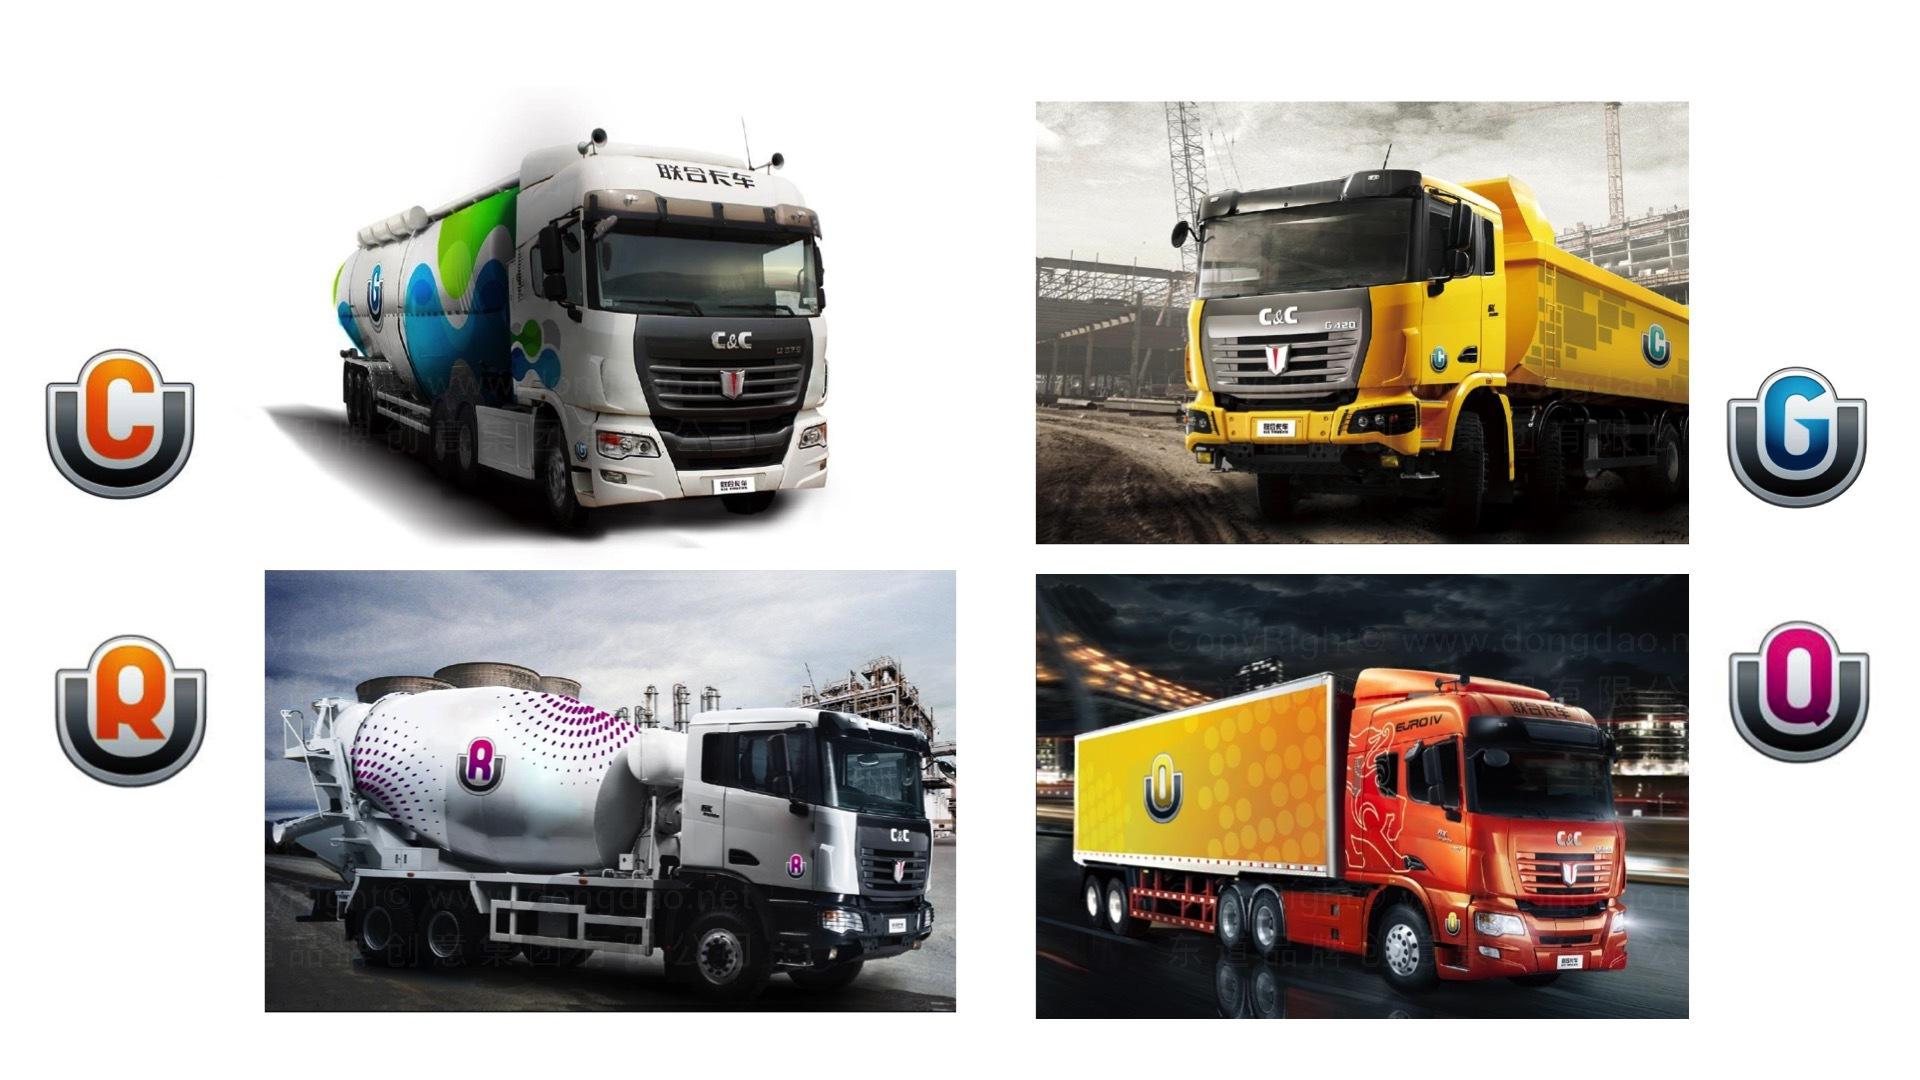 品牌战略&企业文化联合卡车联合卡车品牌战略规划应用场景_3